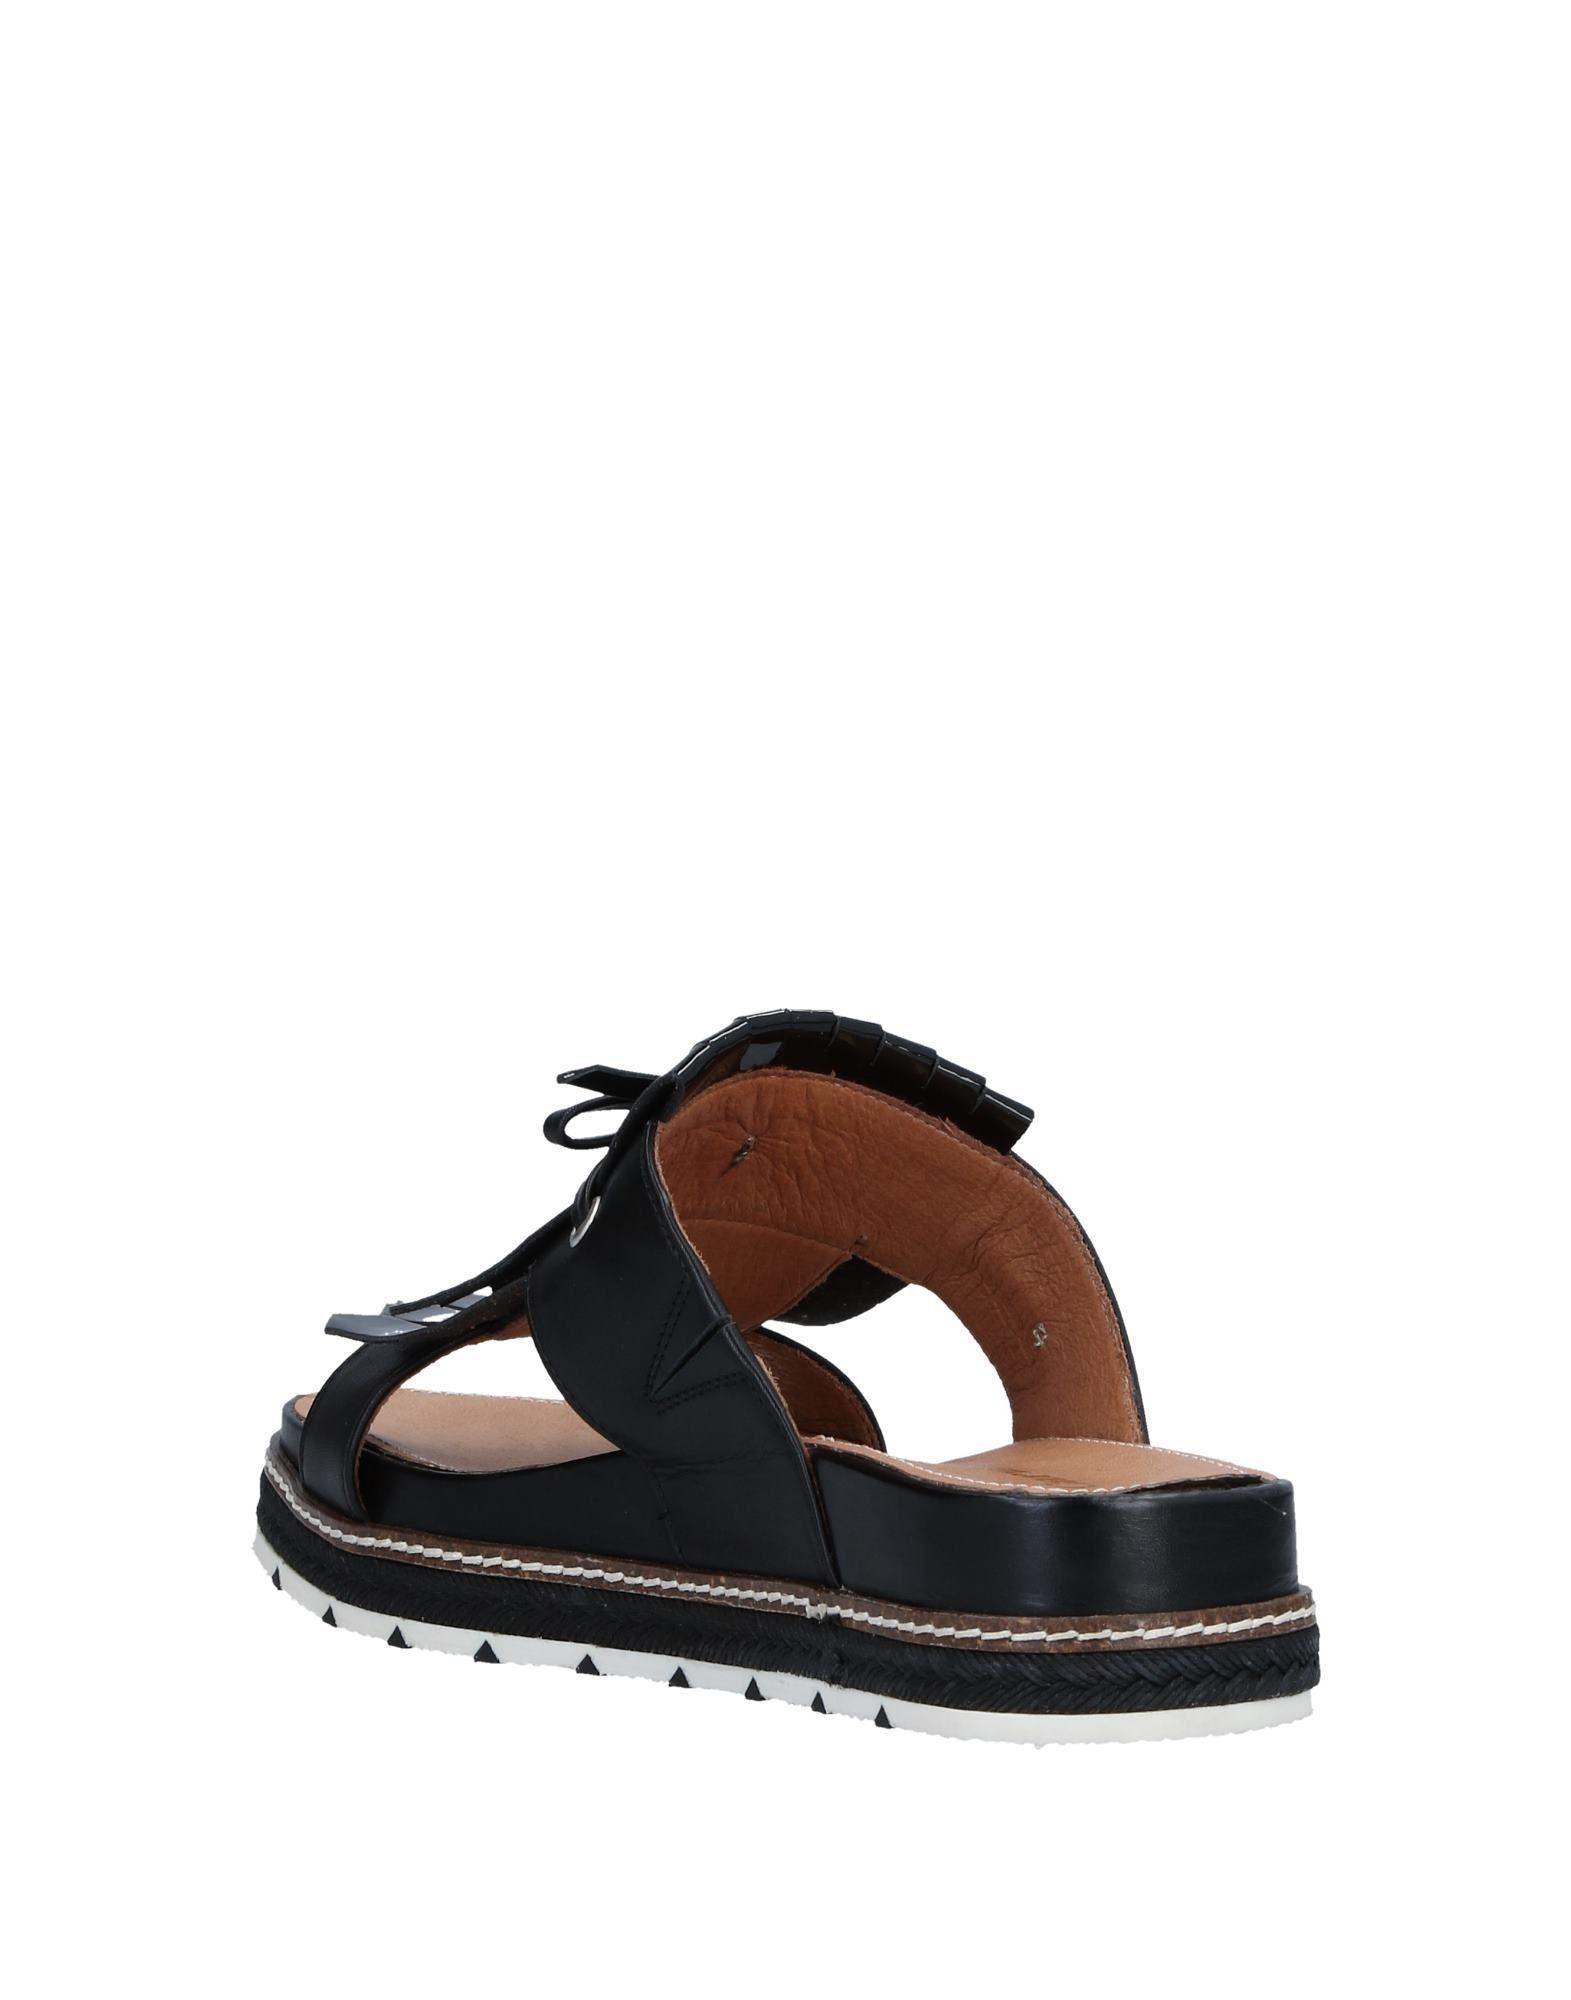 Carmens Sandalen Damen  11535414IR 11535414IR 11535414IR Gute Qualität beliebte Schuhe 1ffa66